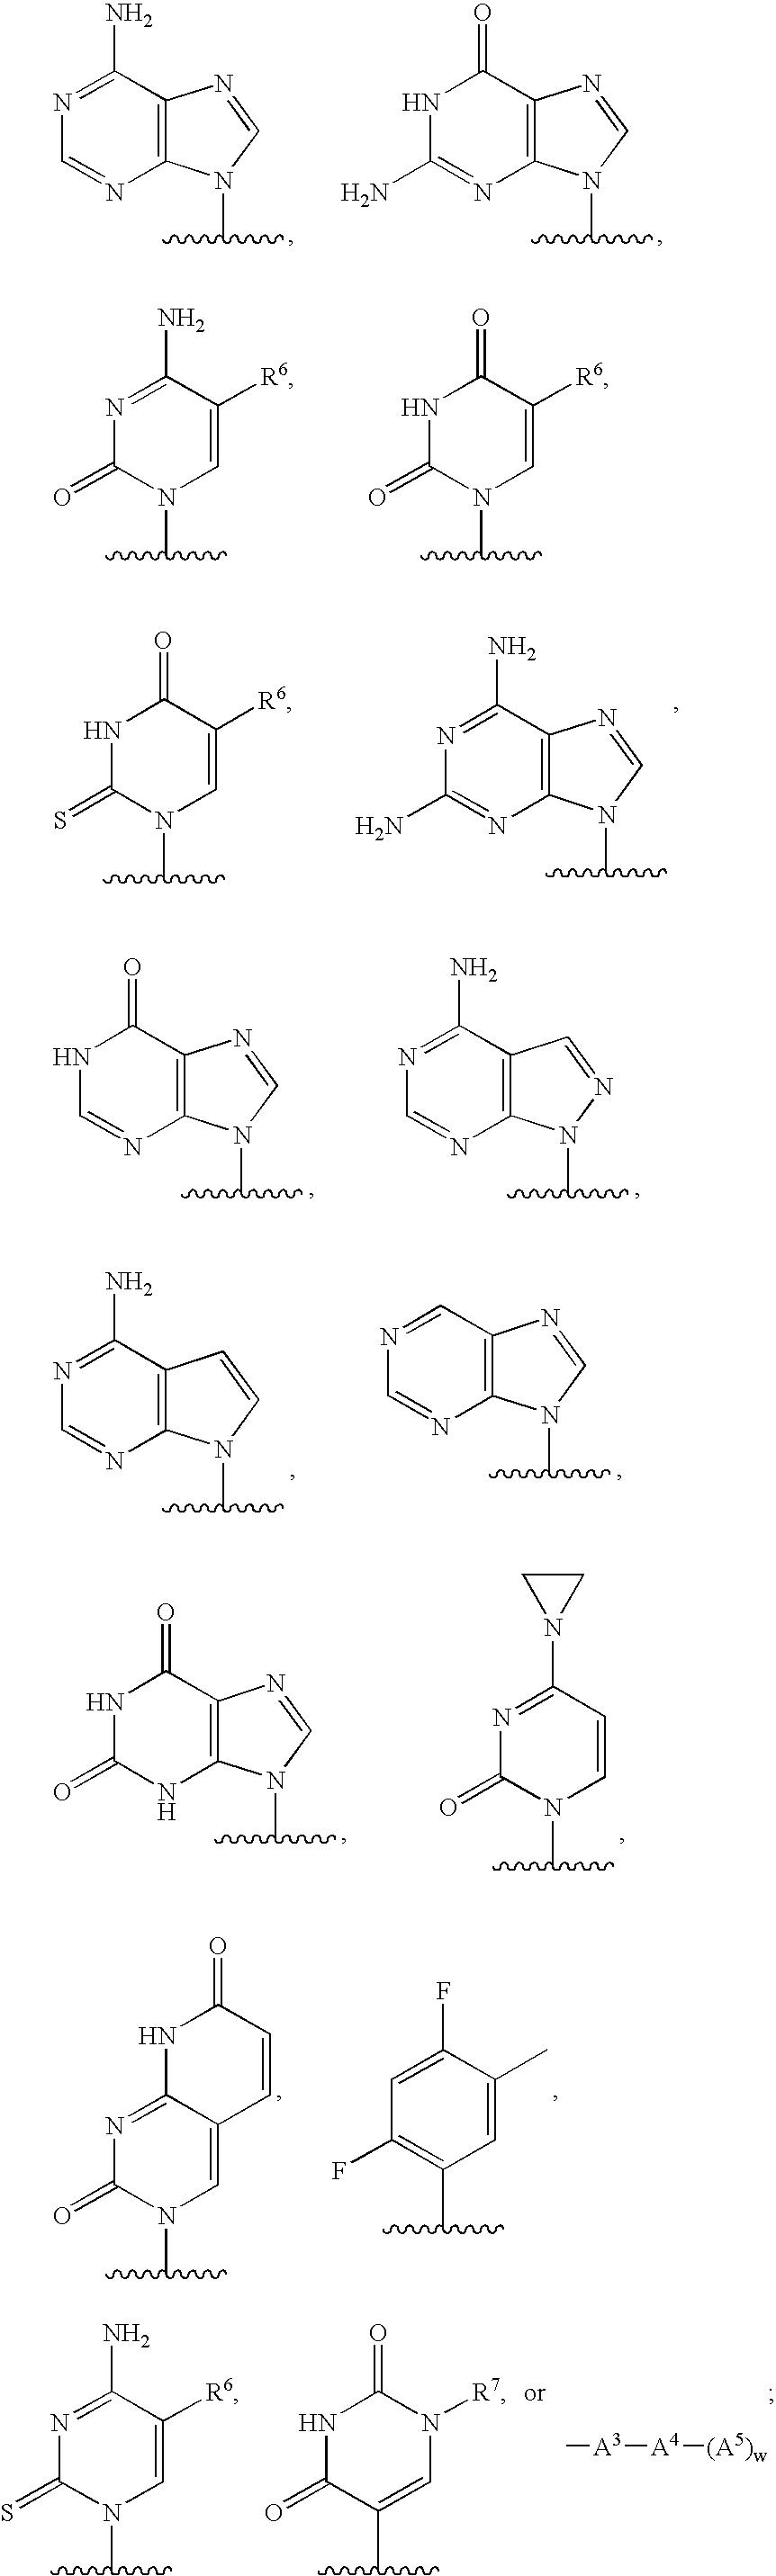 Figure US07674778-20100309-C00086